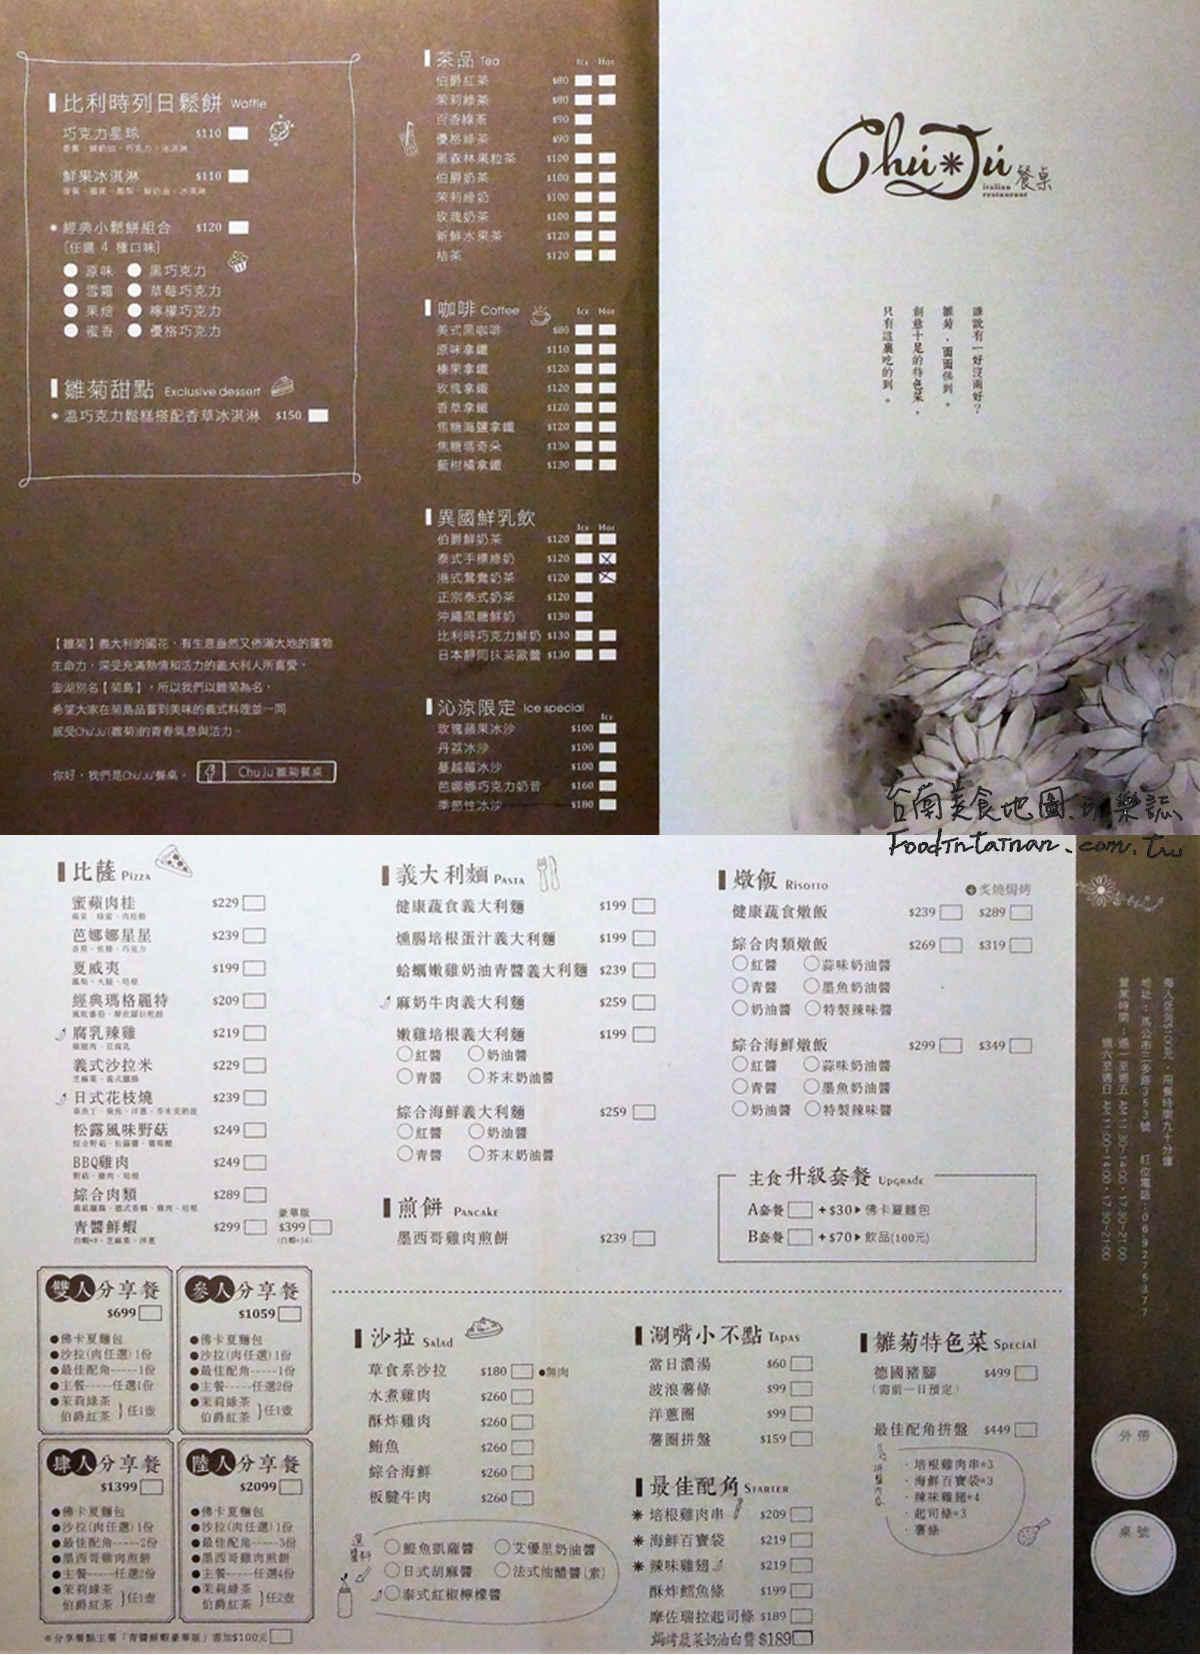 澎湖美食推薦文青森林療癒系網美店-ChuJu雛菊餐桌